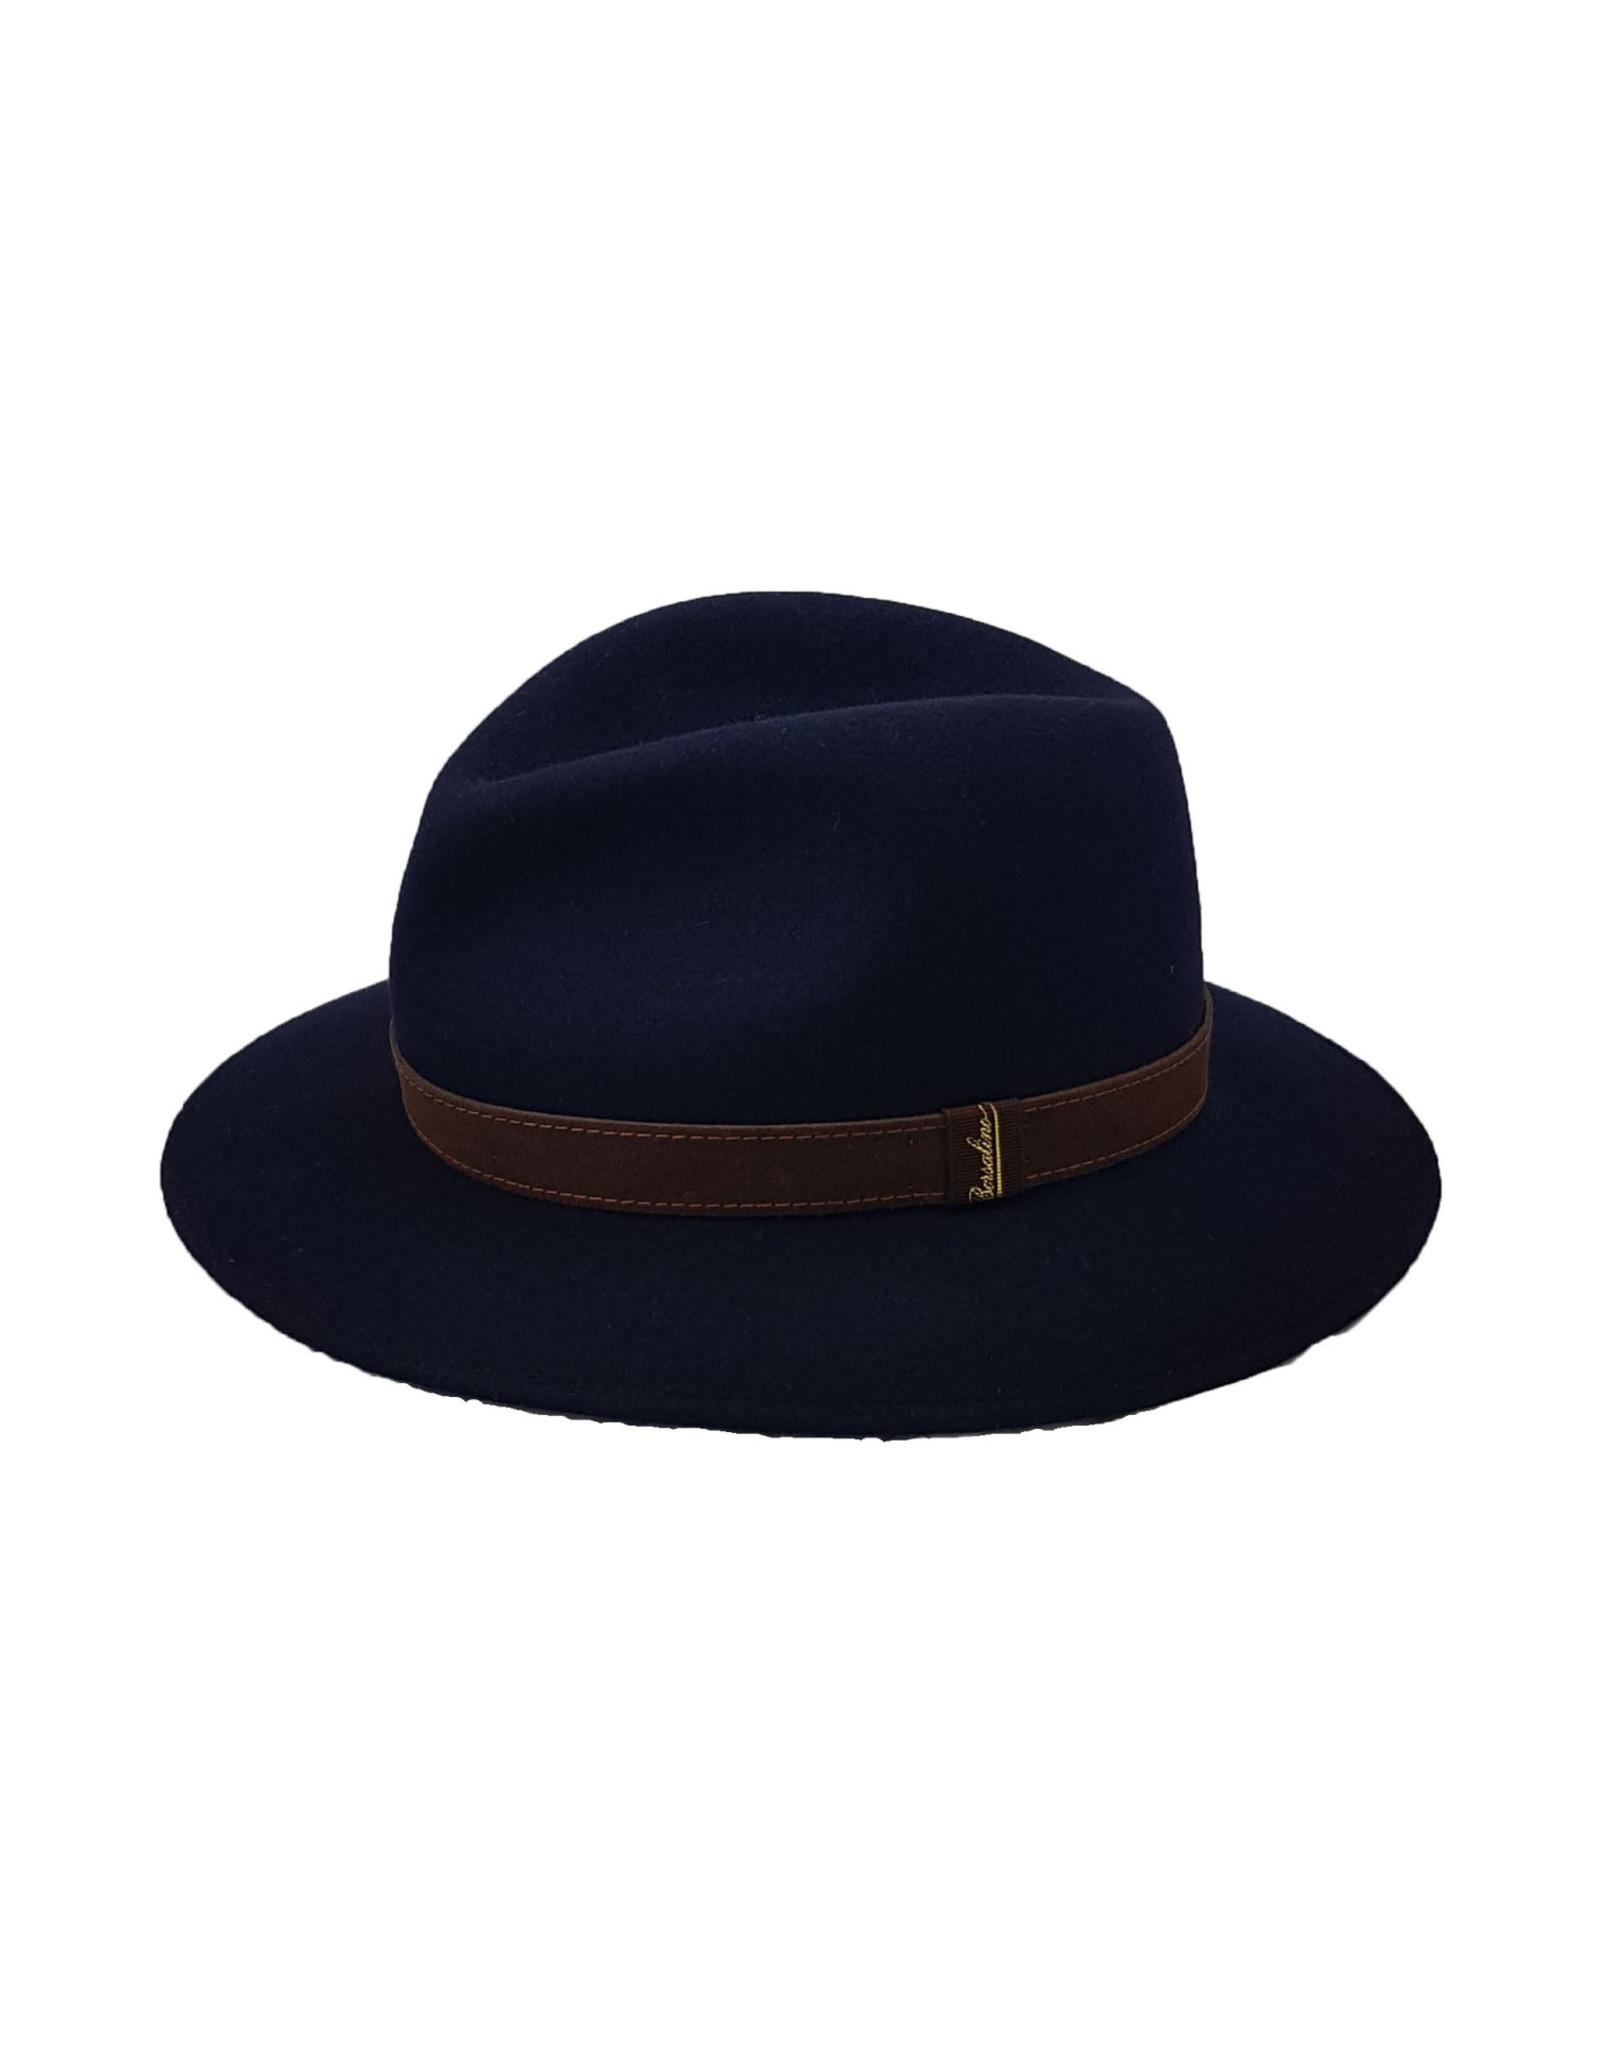 Borsalino Borsalino hoed blauw 390060